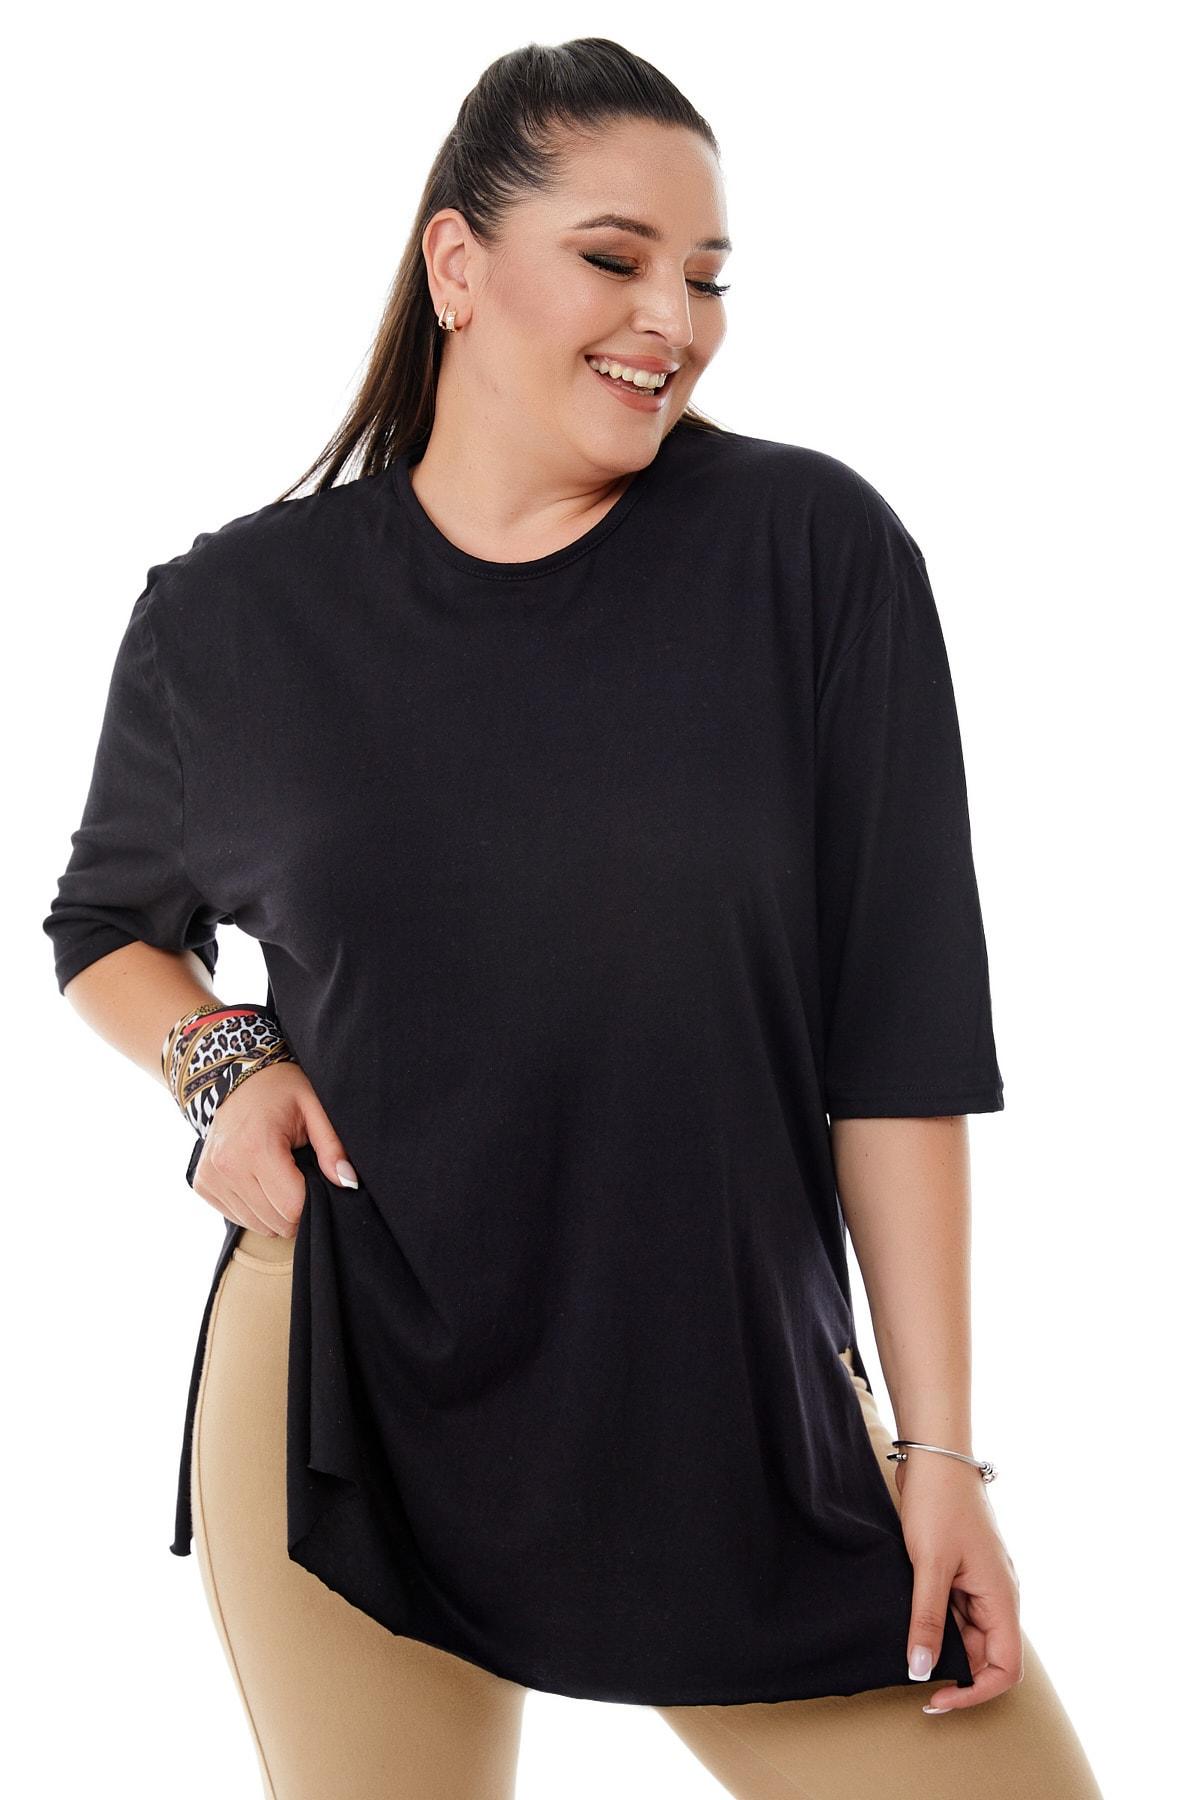 Kadın Büyük Beden Siyah Yırtmaçlı Basic T-shirt